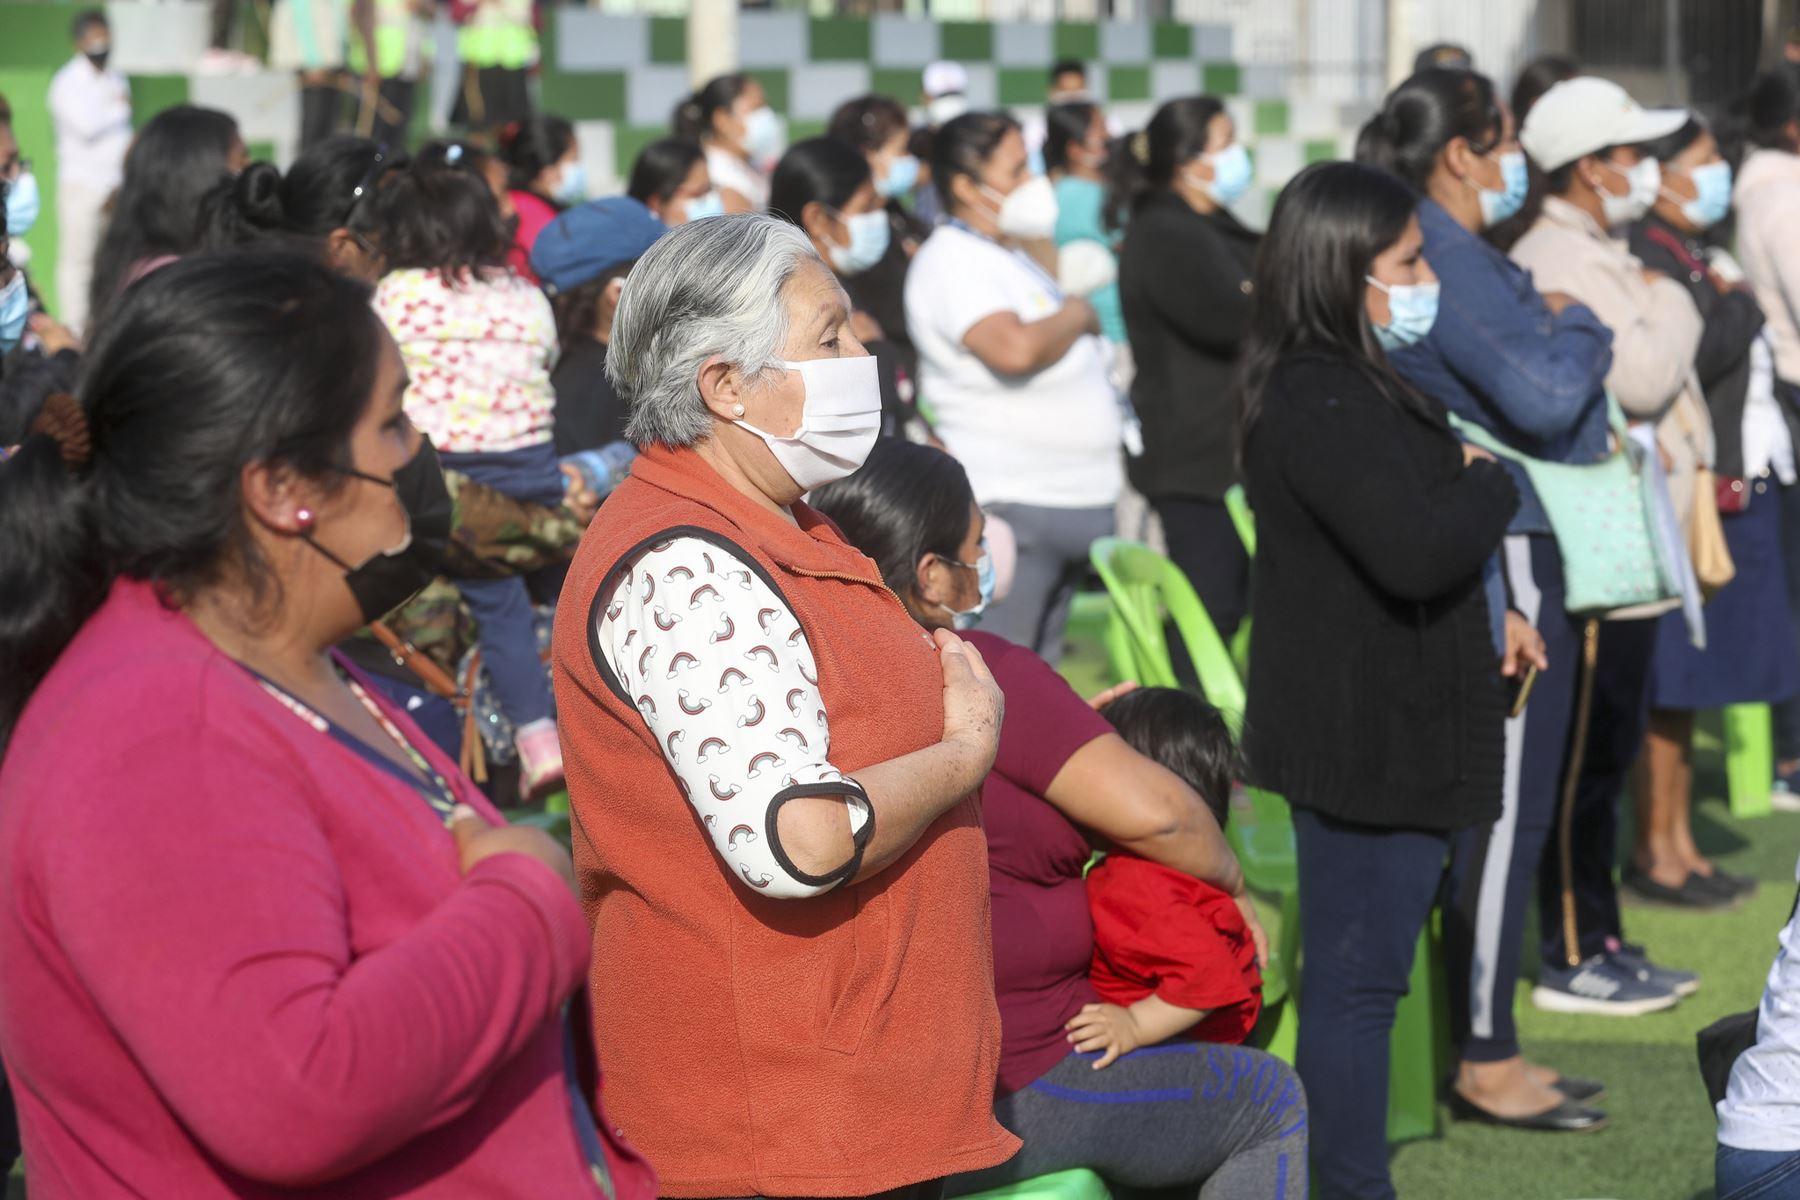 La presidenta del Congreso, Maricarmen Alva, se reunió con dirigentes de Ollas Comunes en Alto Trujillo. Foto: Congreso